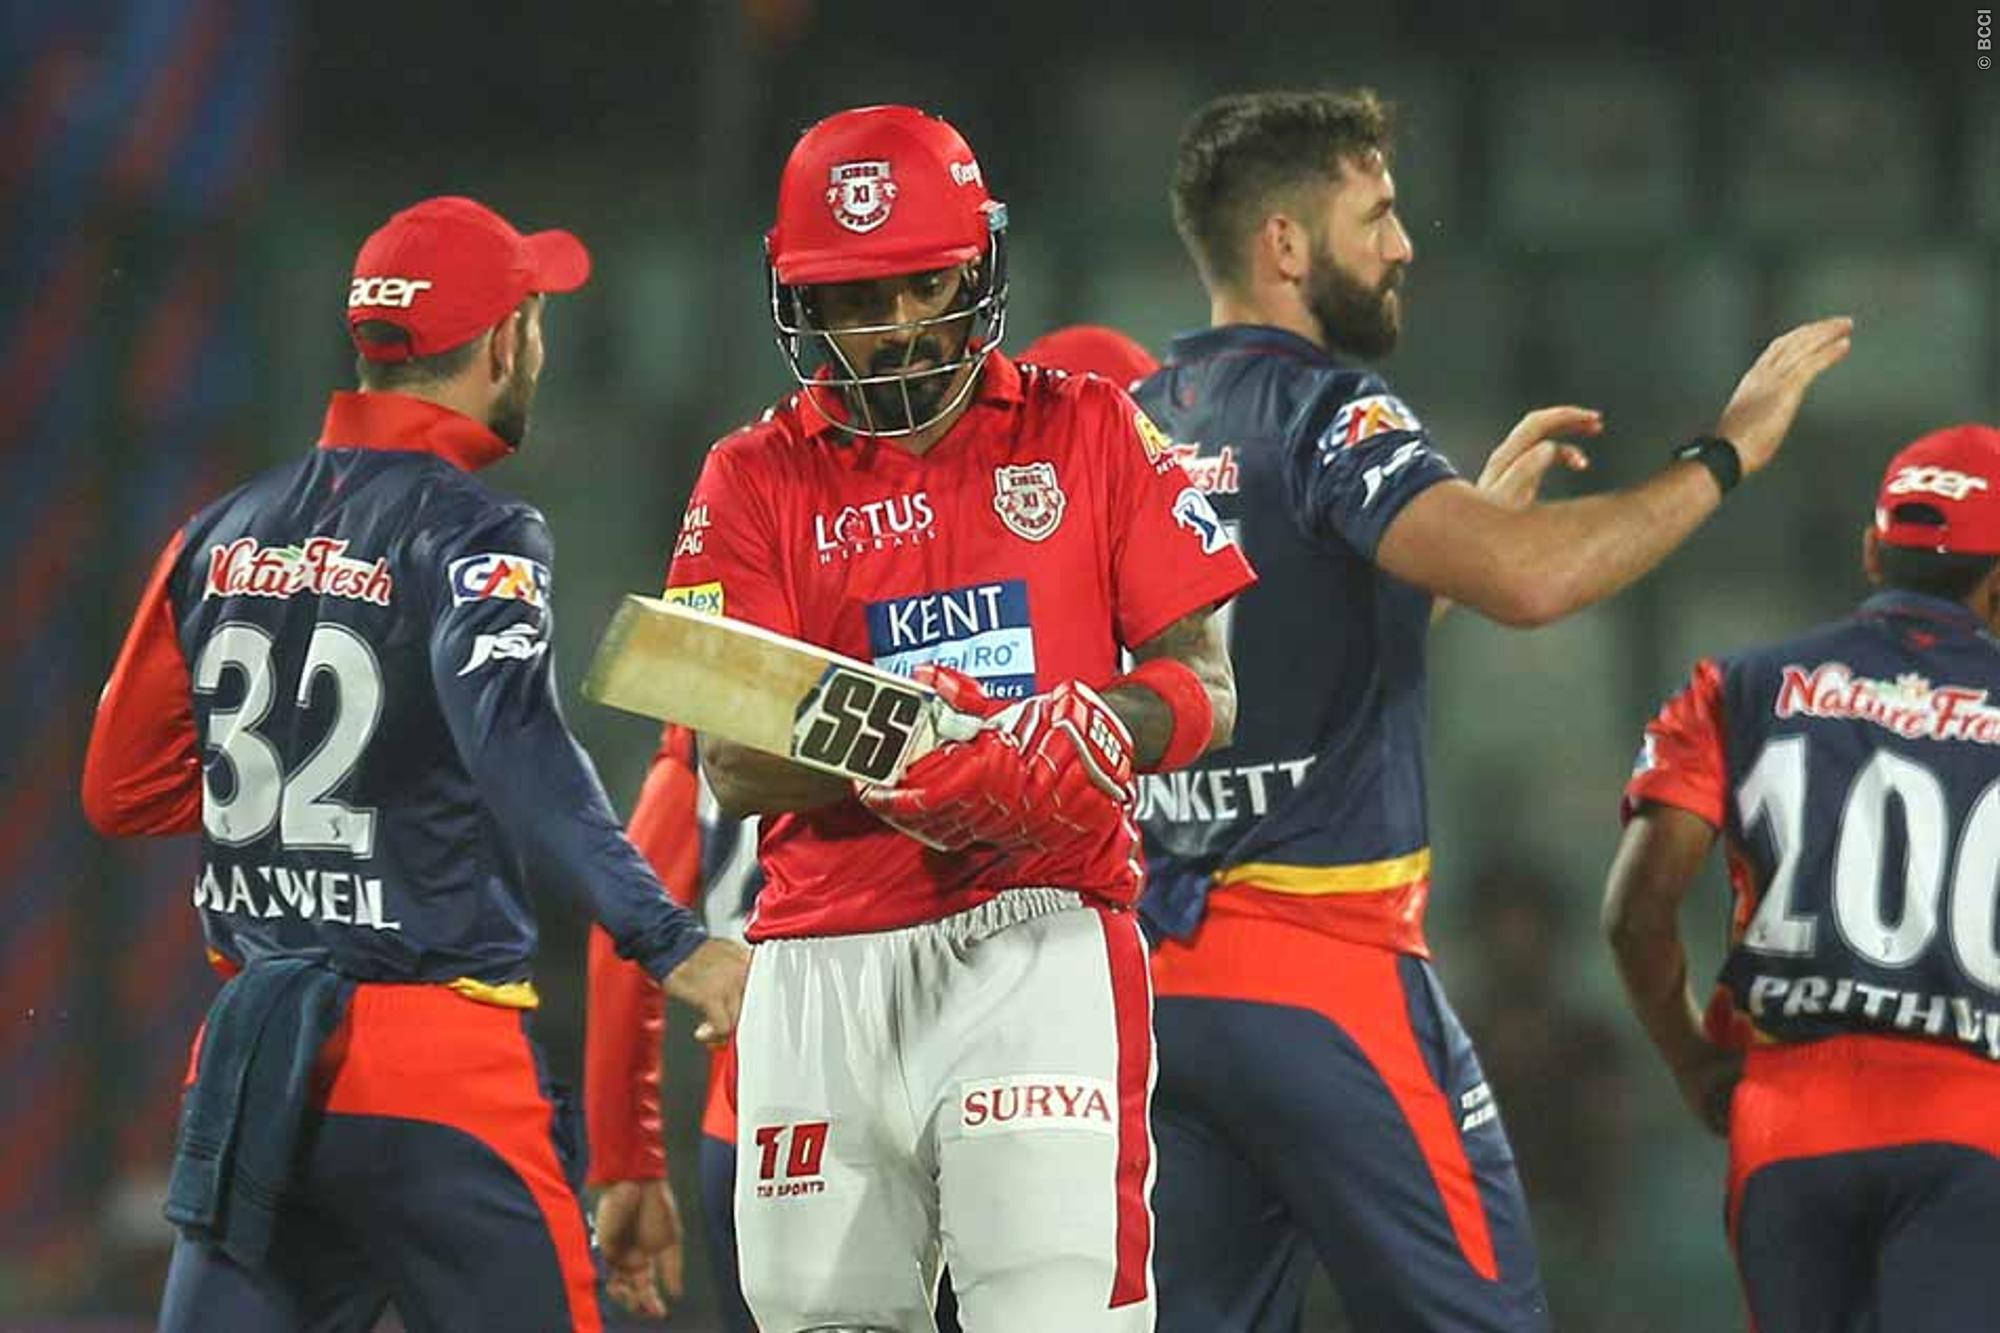 मैच रिपोर्टः गेल के बगैर उतरी पंजाब हुई धराशयी,दिल्ली को जीत के लिए 144 रनों का लक्ष्य 1